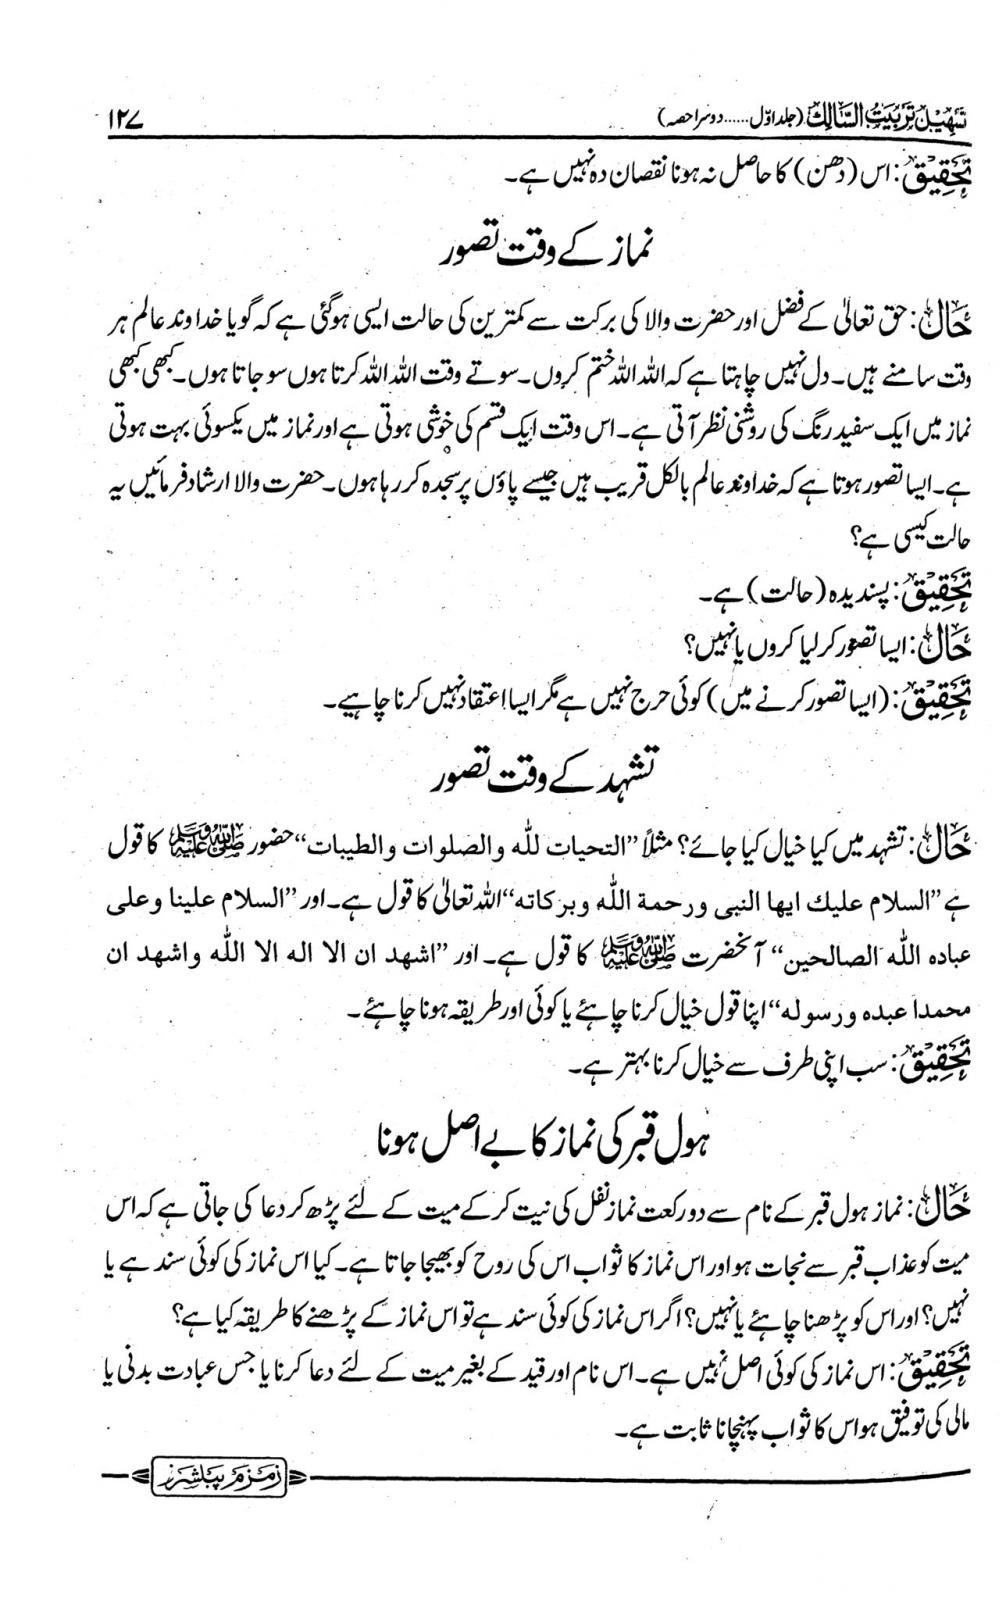 Tasheel Tarbiat us Salik page 2.jpg